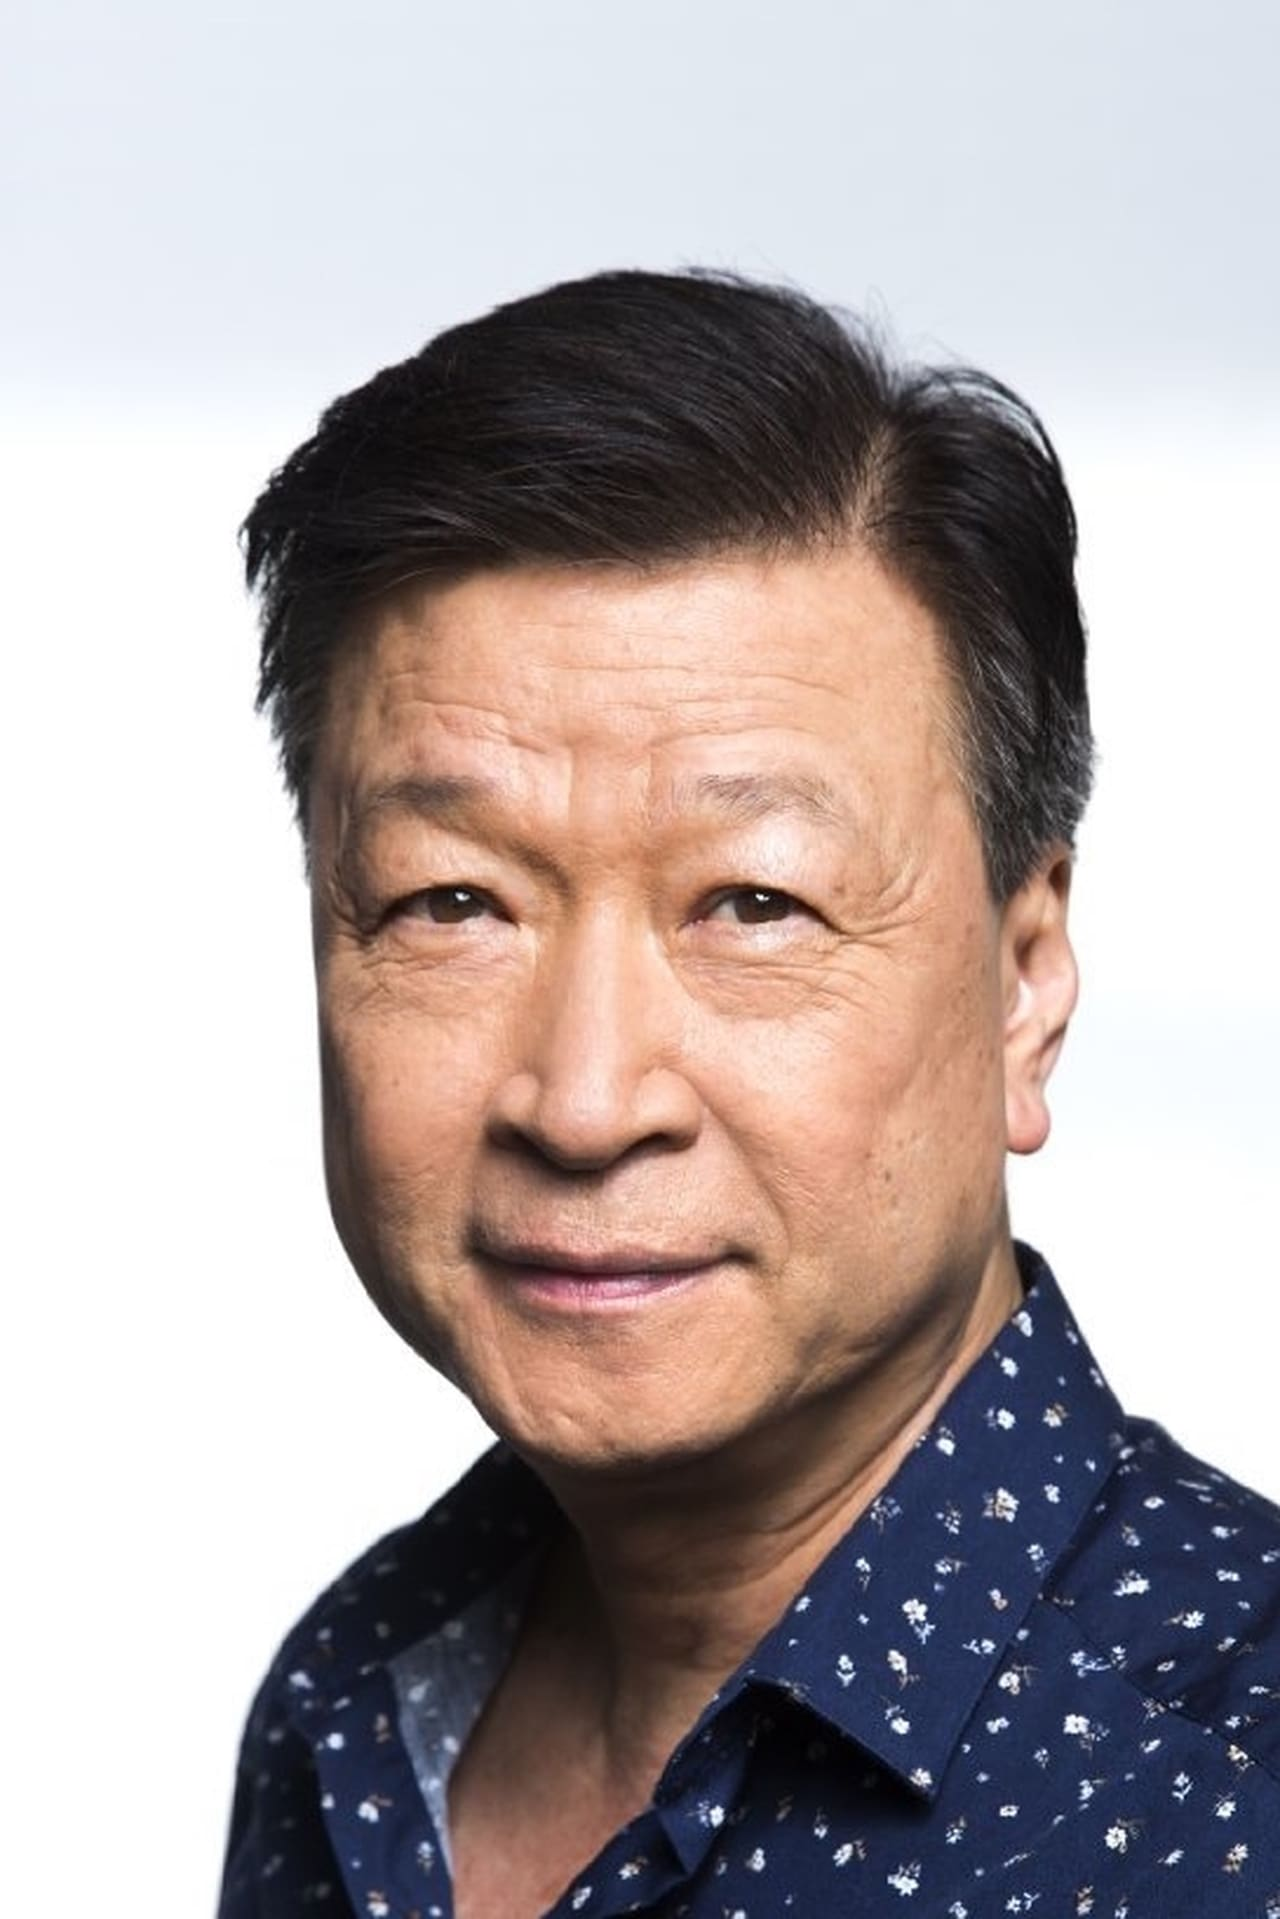 Tzi Ma